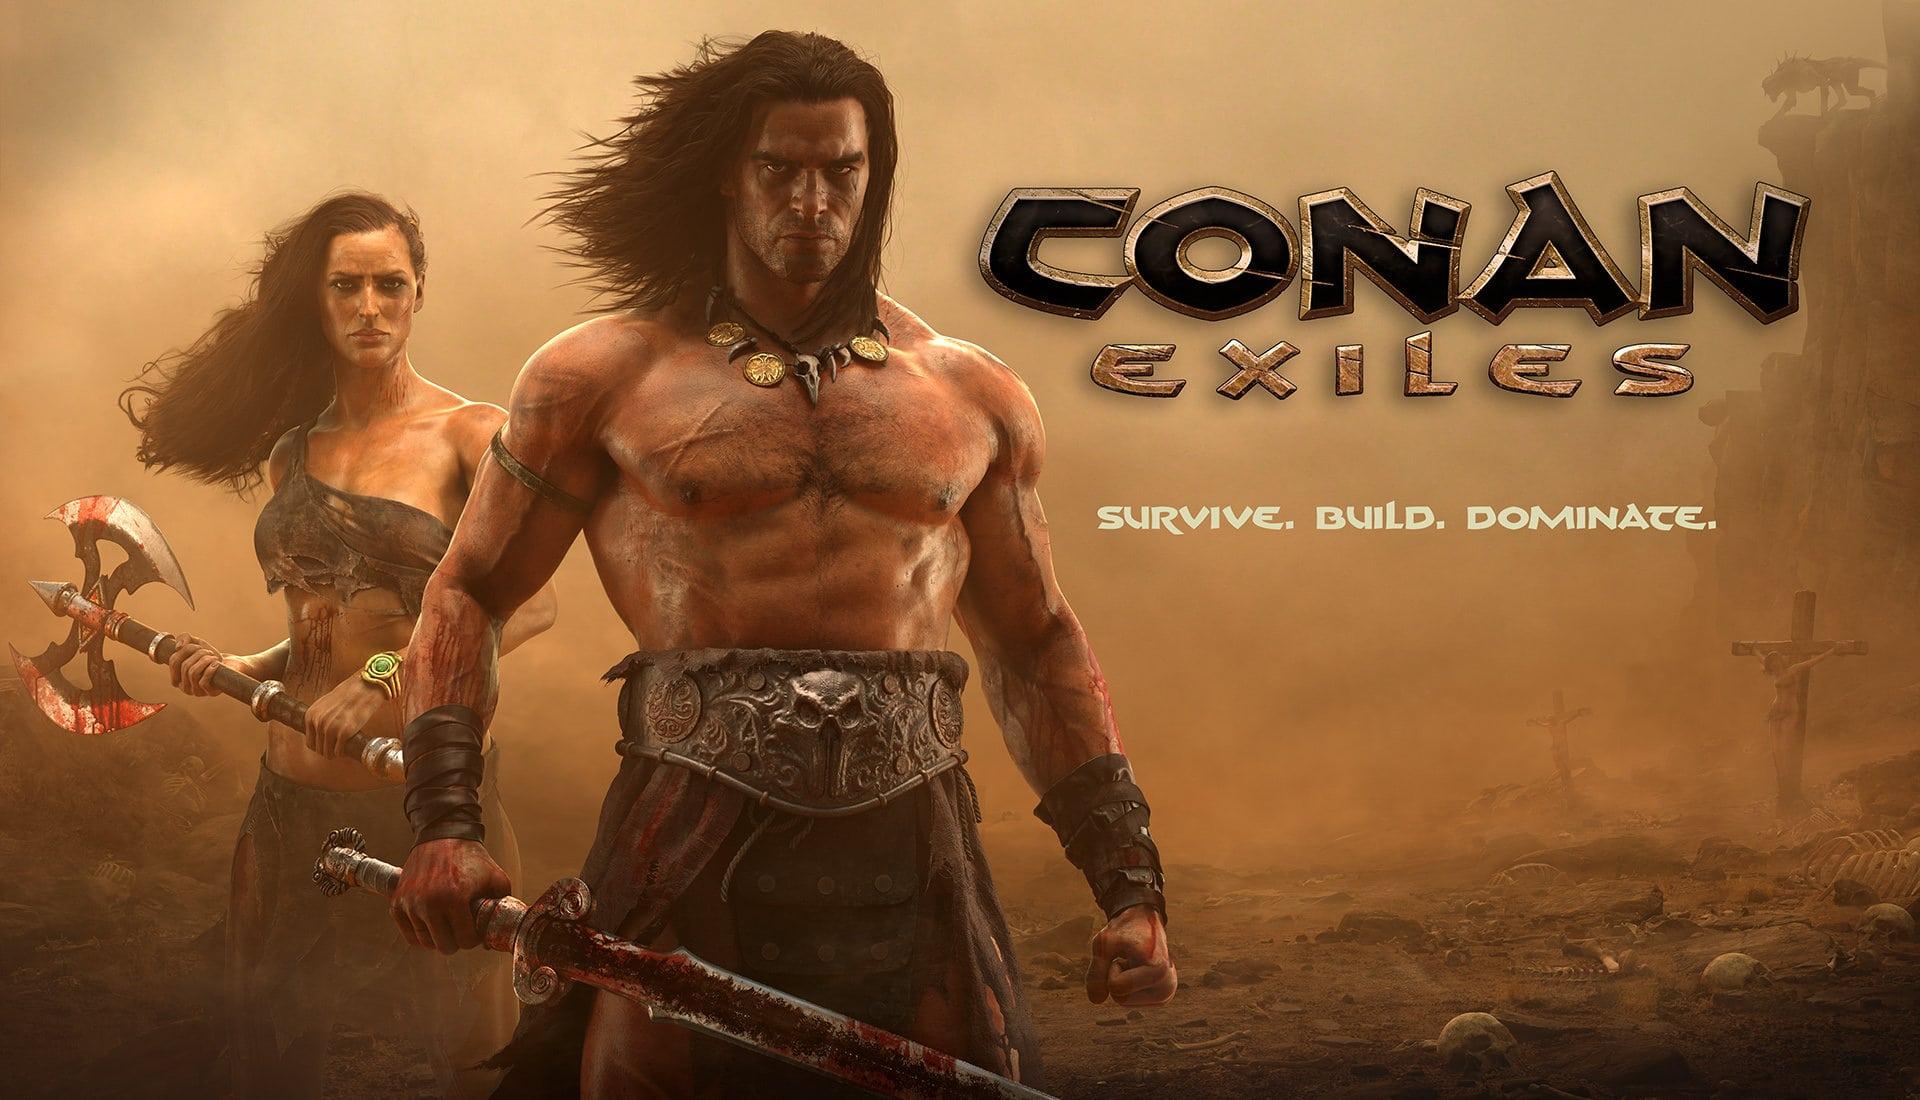 Igrao sam: CONAN EXILES